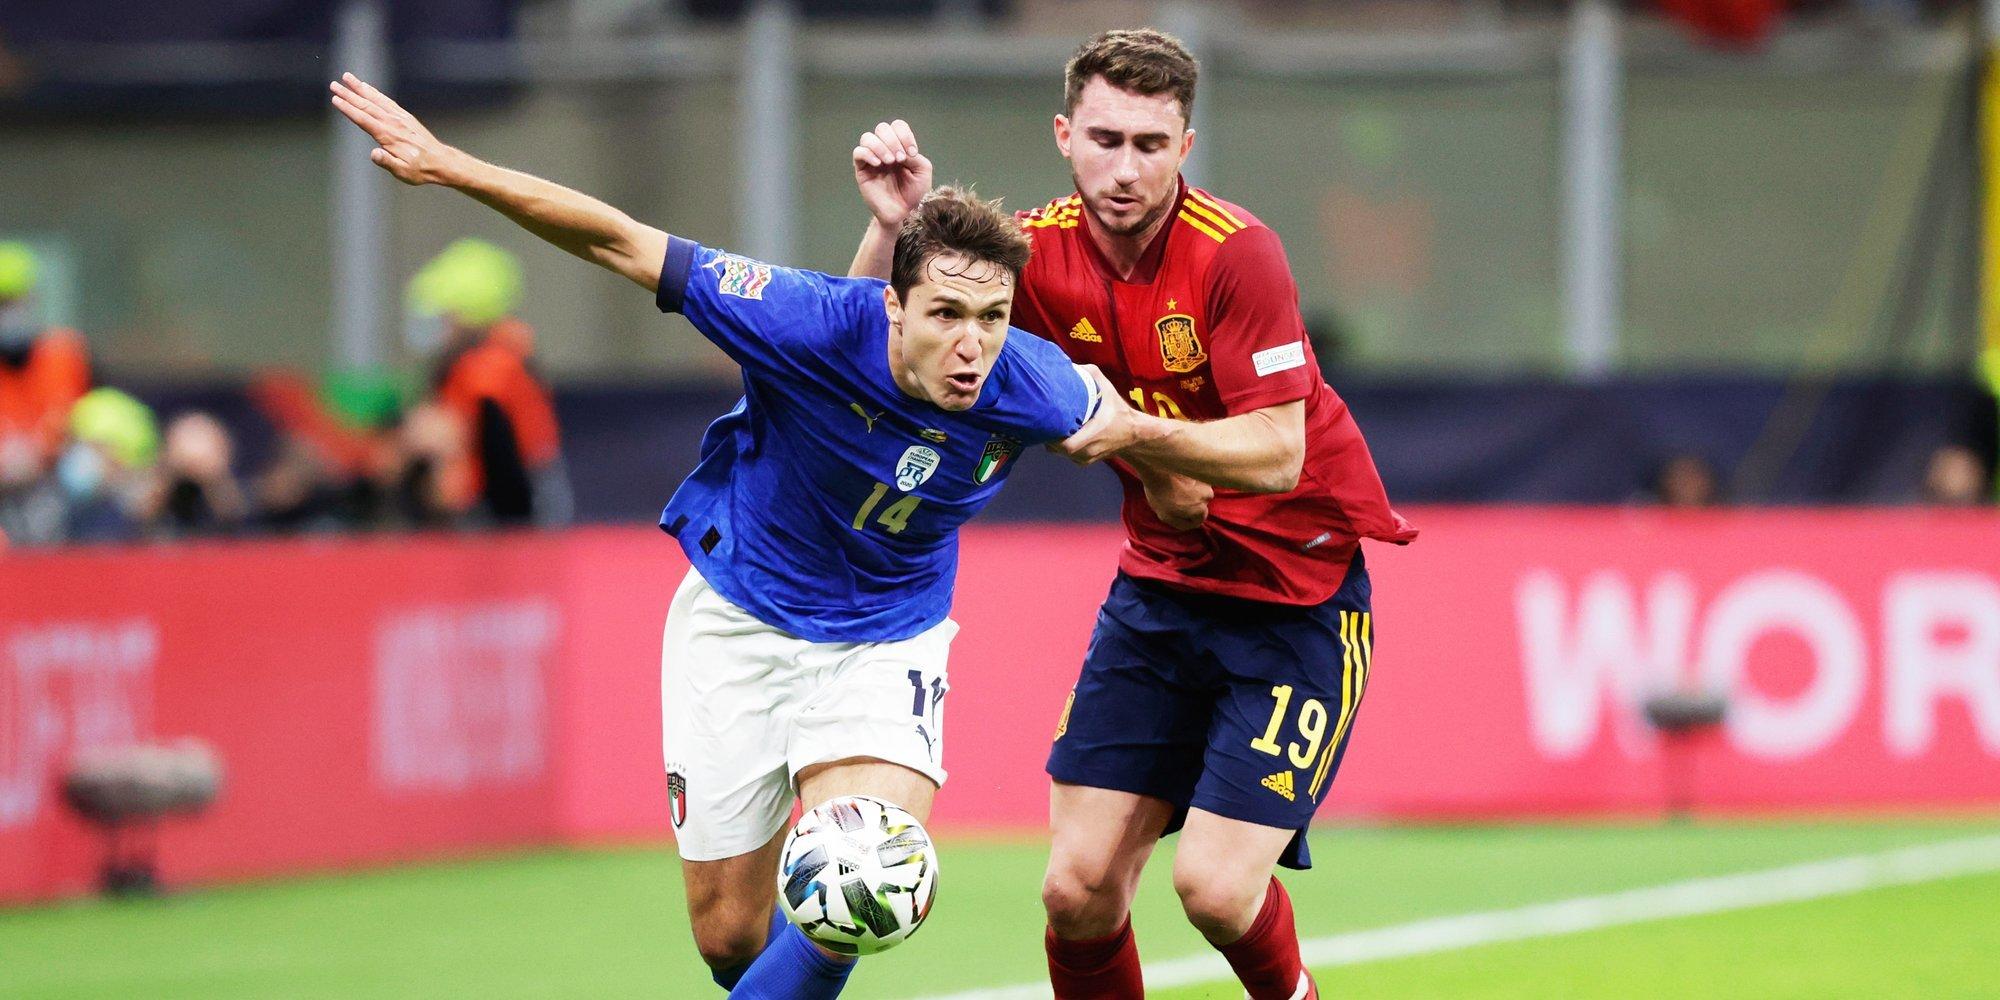 Испания вышла в финал Лиги наций, прервав рекордную серию Италии